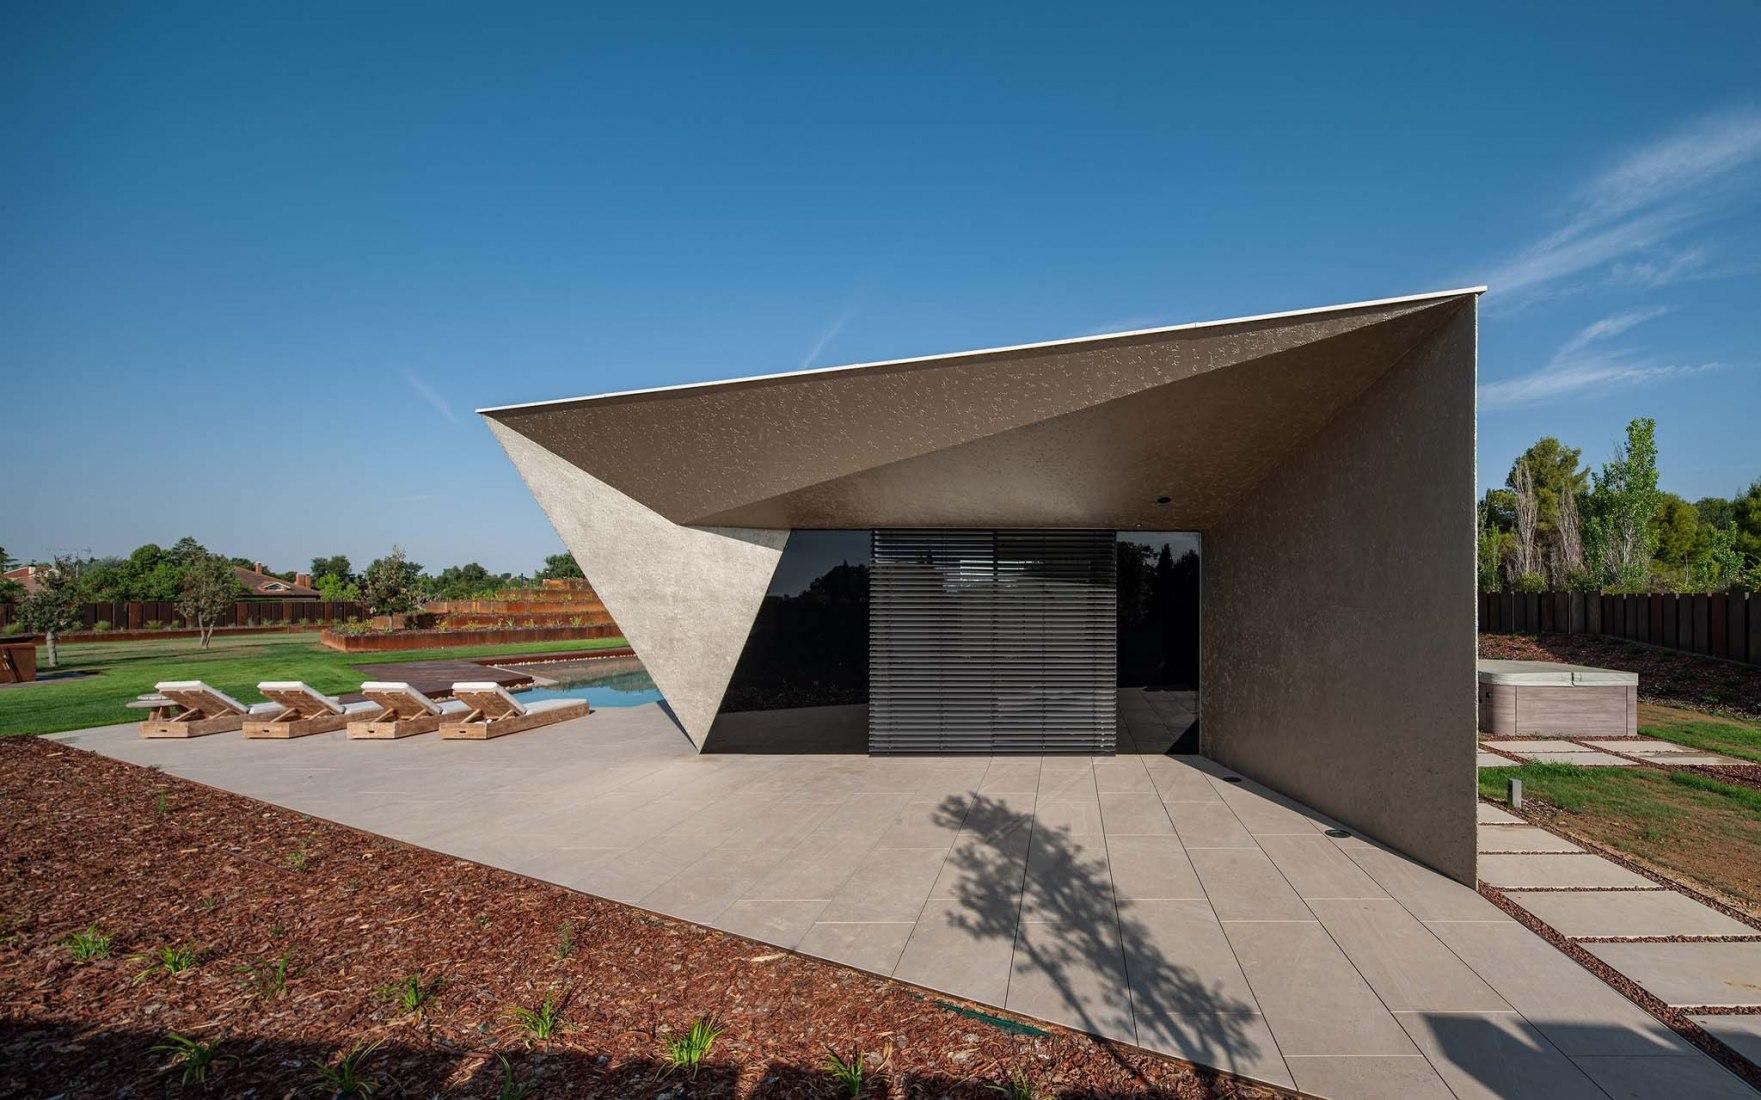 Vivienda unifamiliar MXM Aragón por i2G Arquitectos. Fotografía por Josema Cutillas.